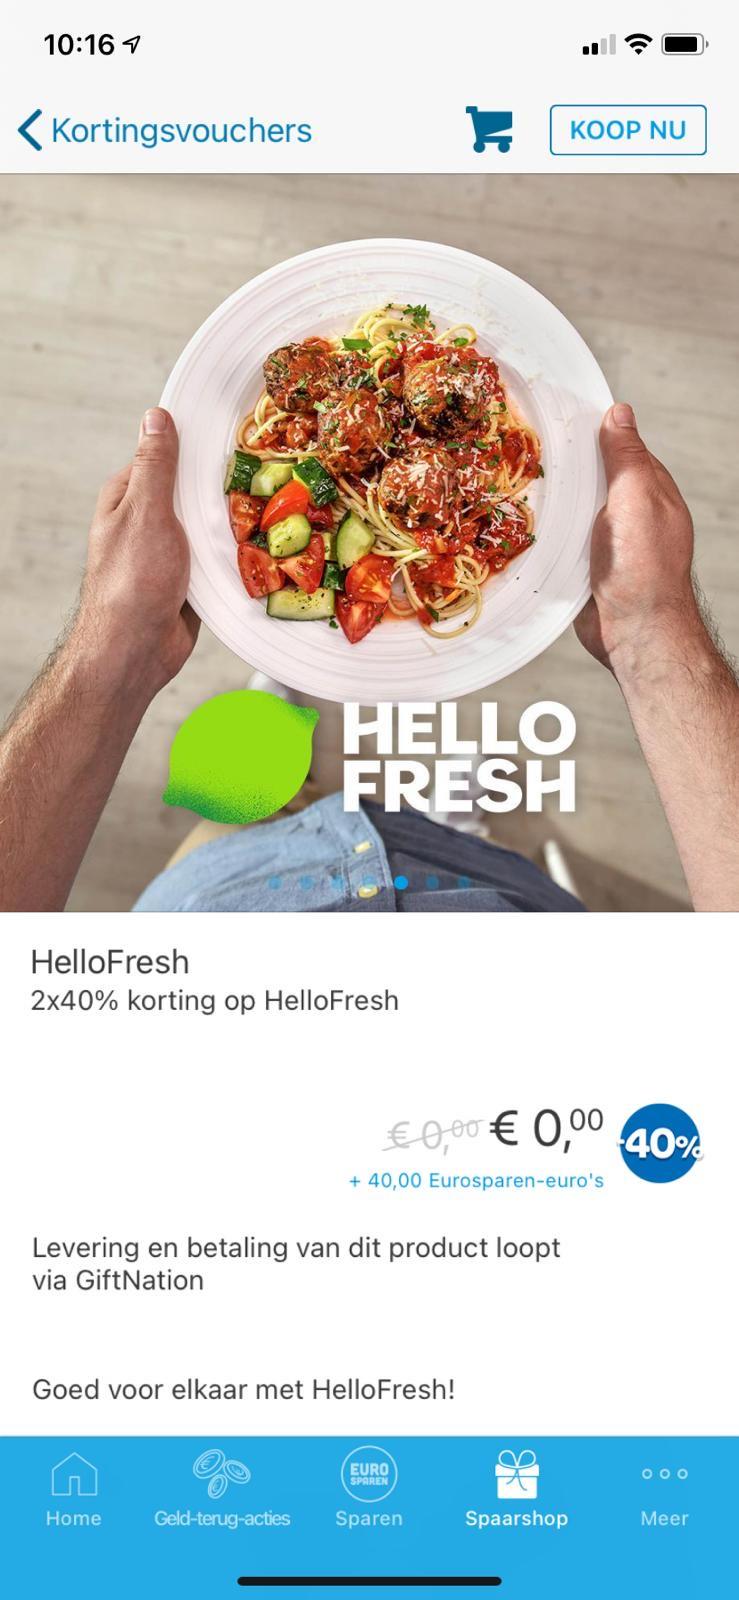 2x 40% korting op Hello Fresh ook voor bestaande klanten {euro sparen}